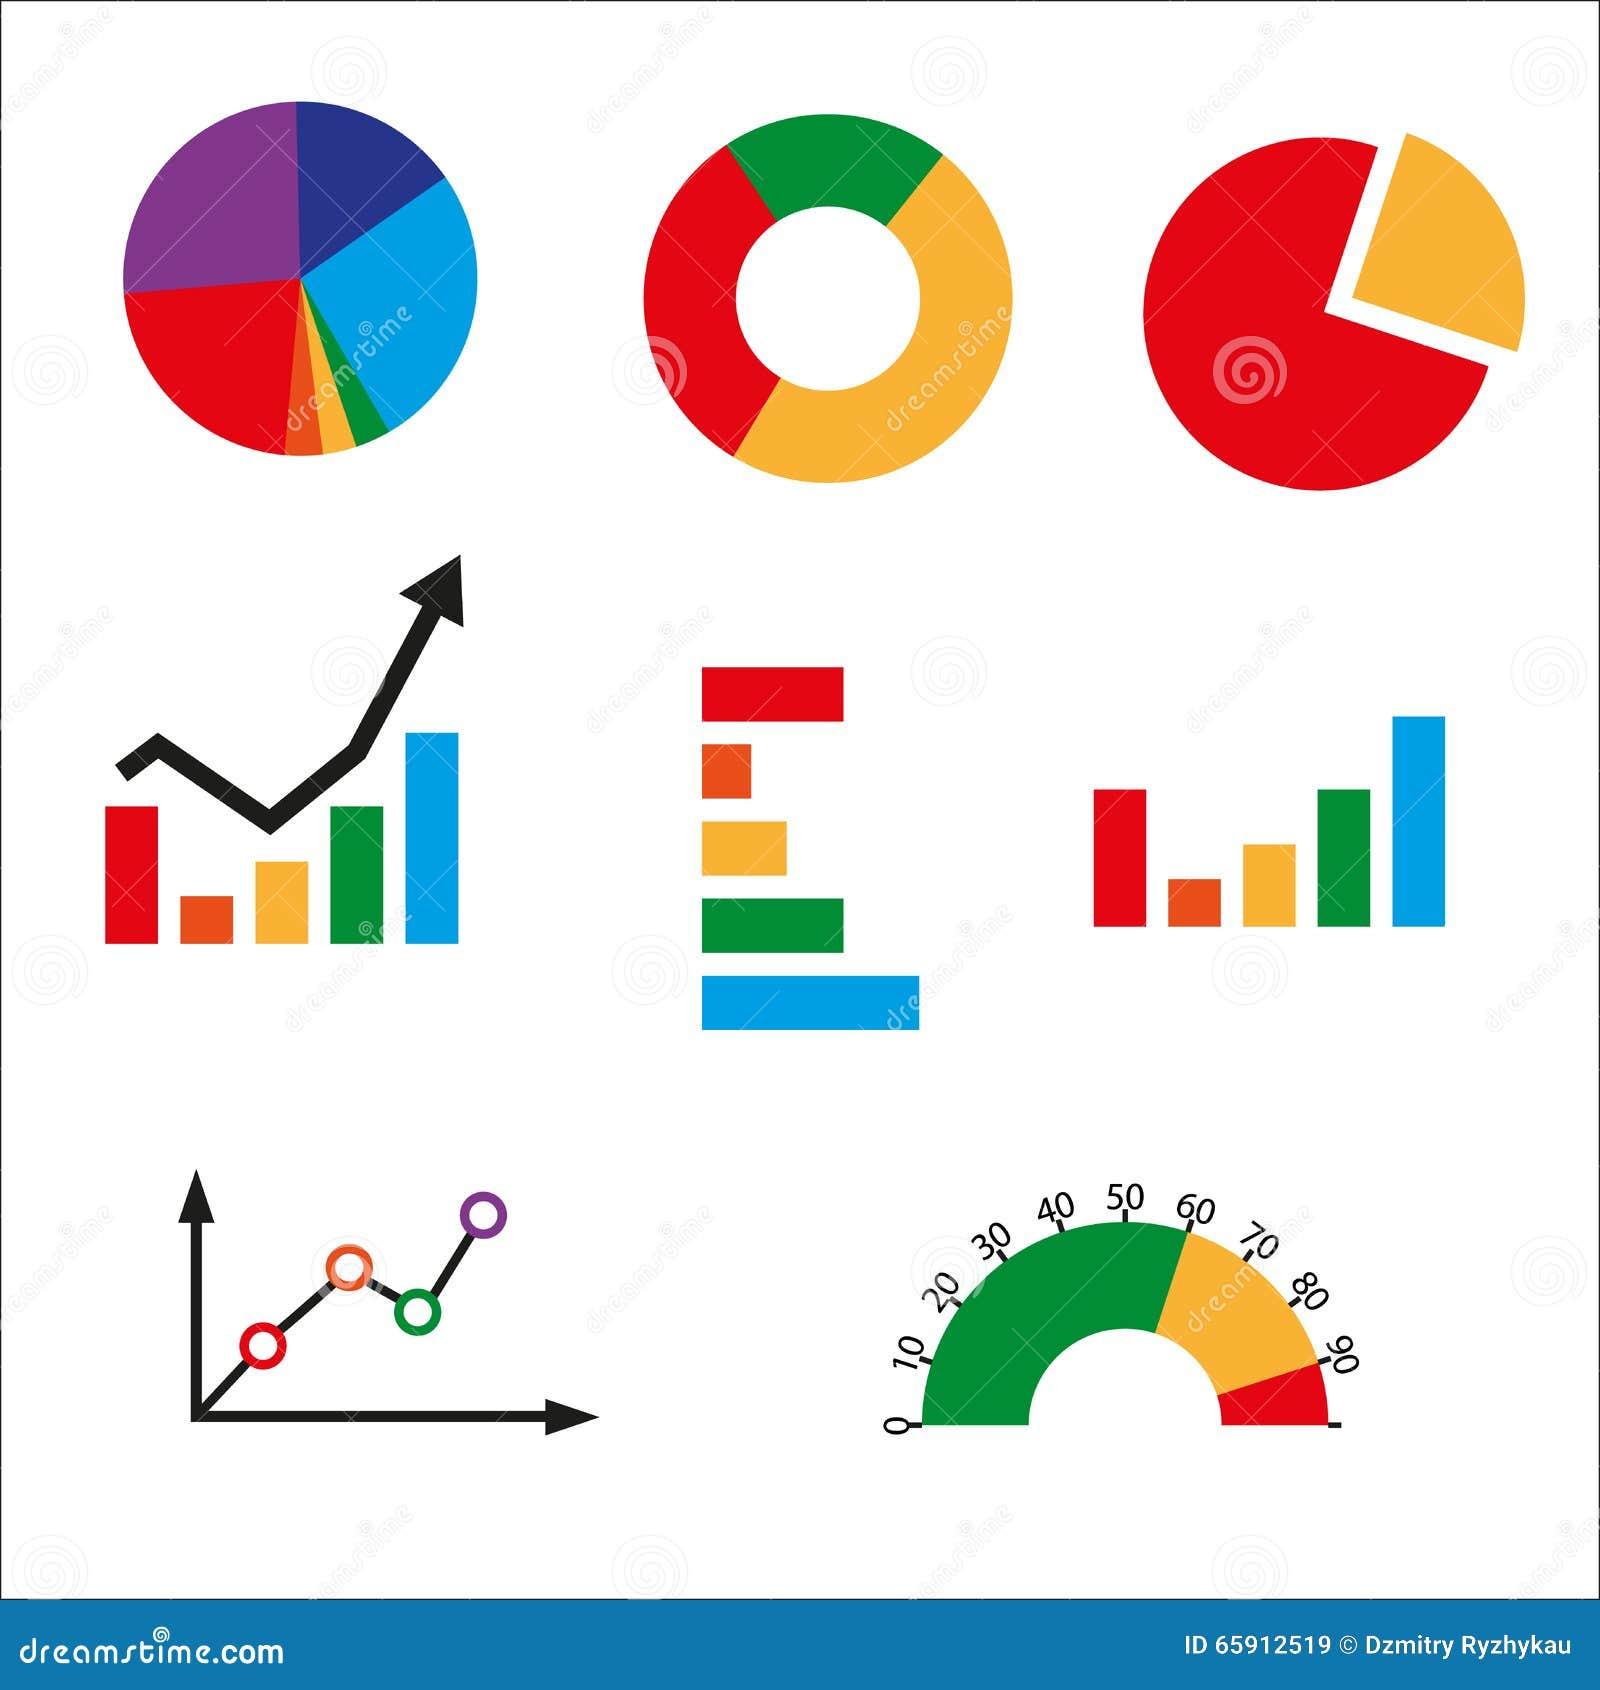 Diagramme Arten Arbeitsblatt : Verschiedene arten von geschäftsdiagrammen stock abbildung